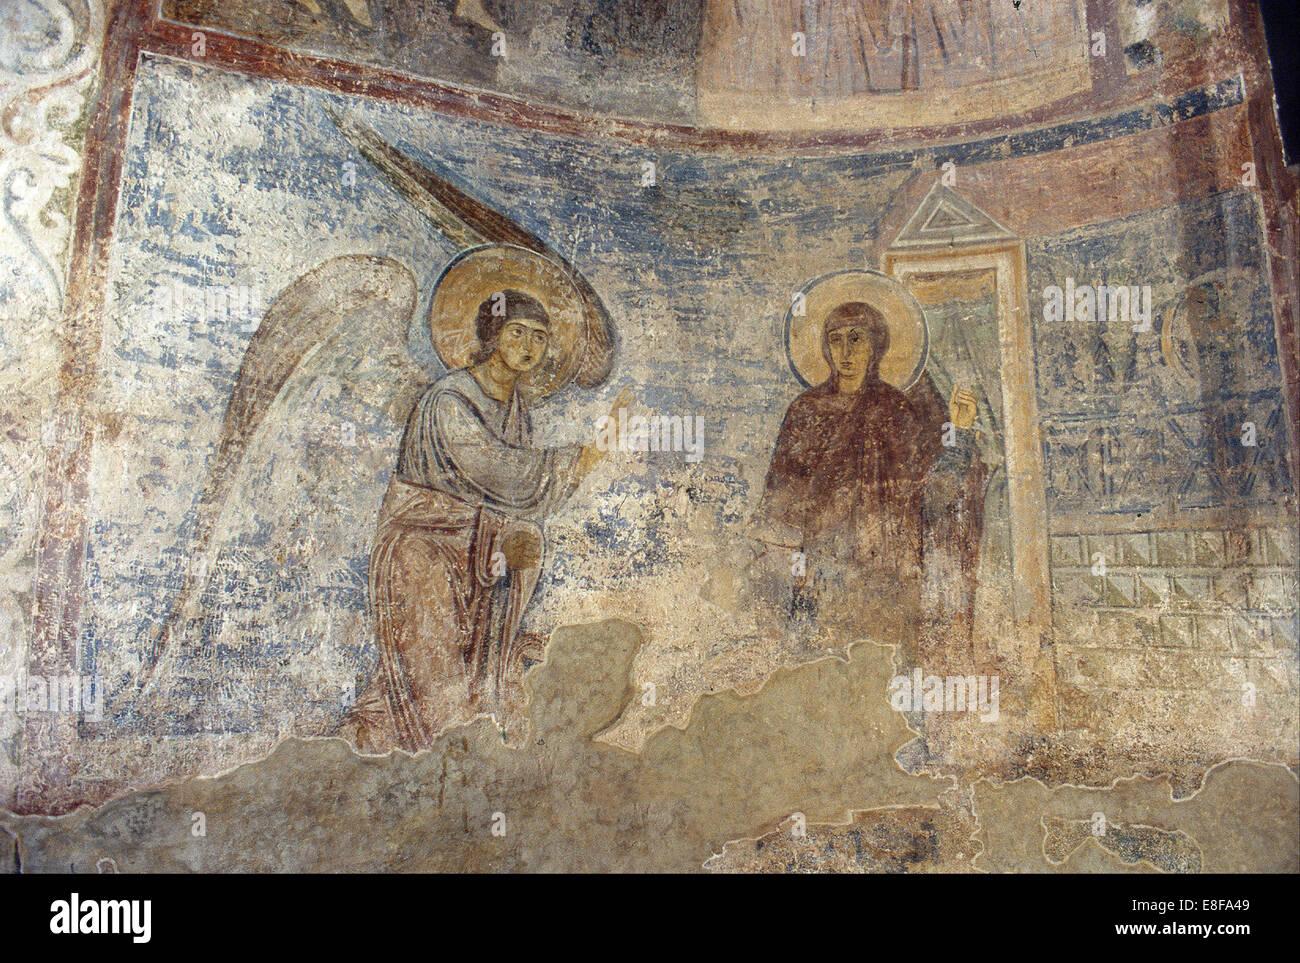 Die Verkündigung. Künstler: Alte russische Fresken Stockbild